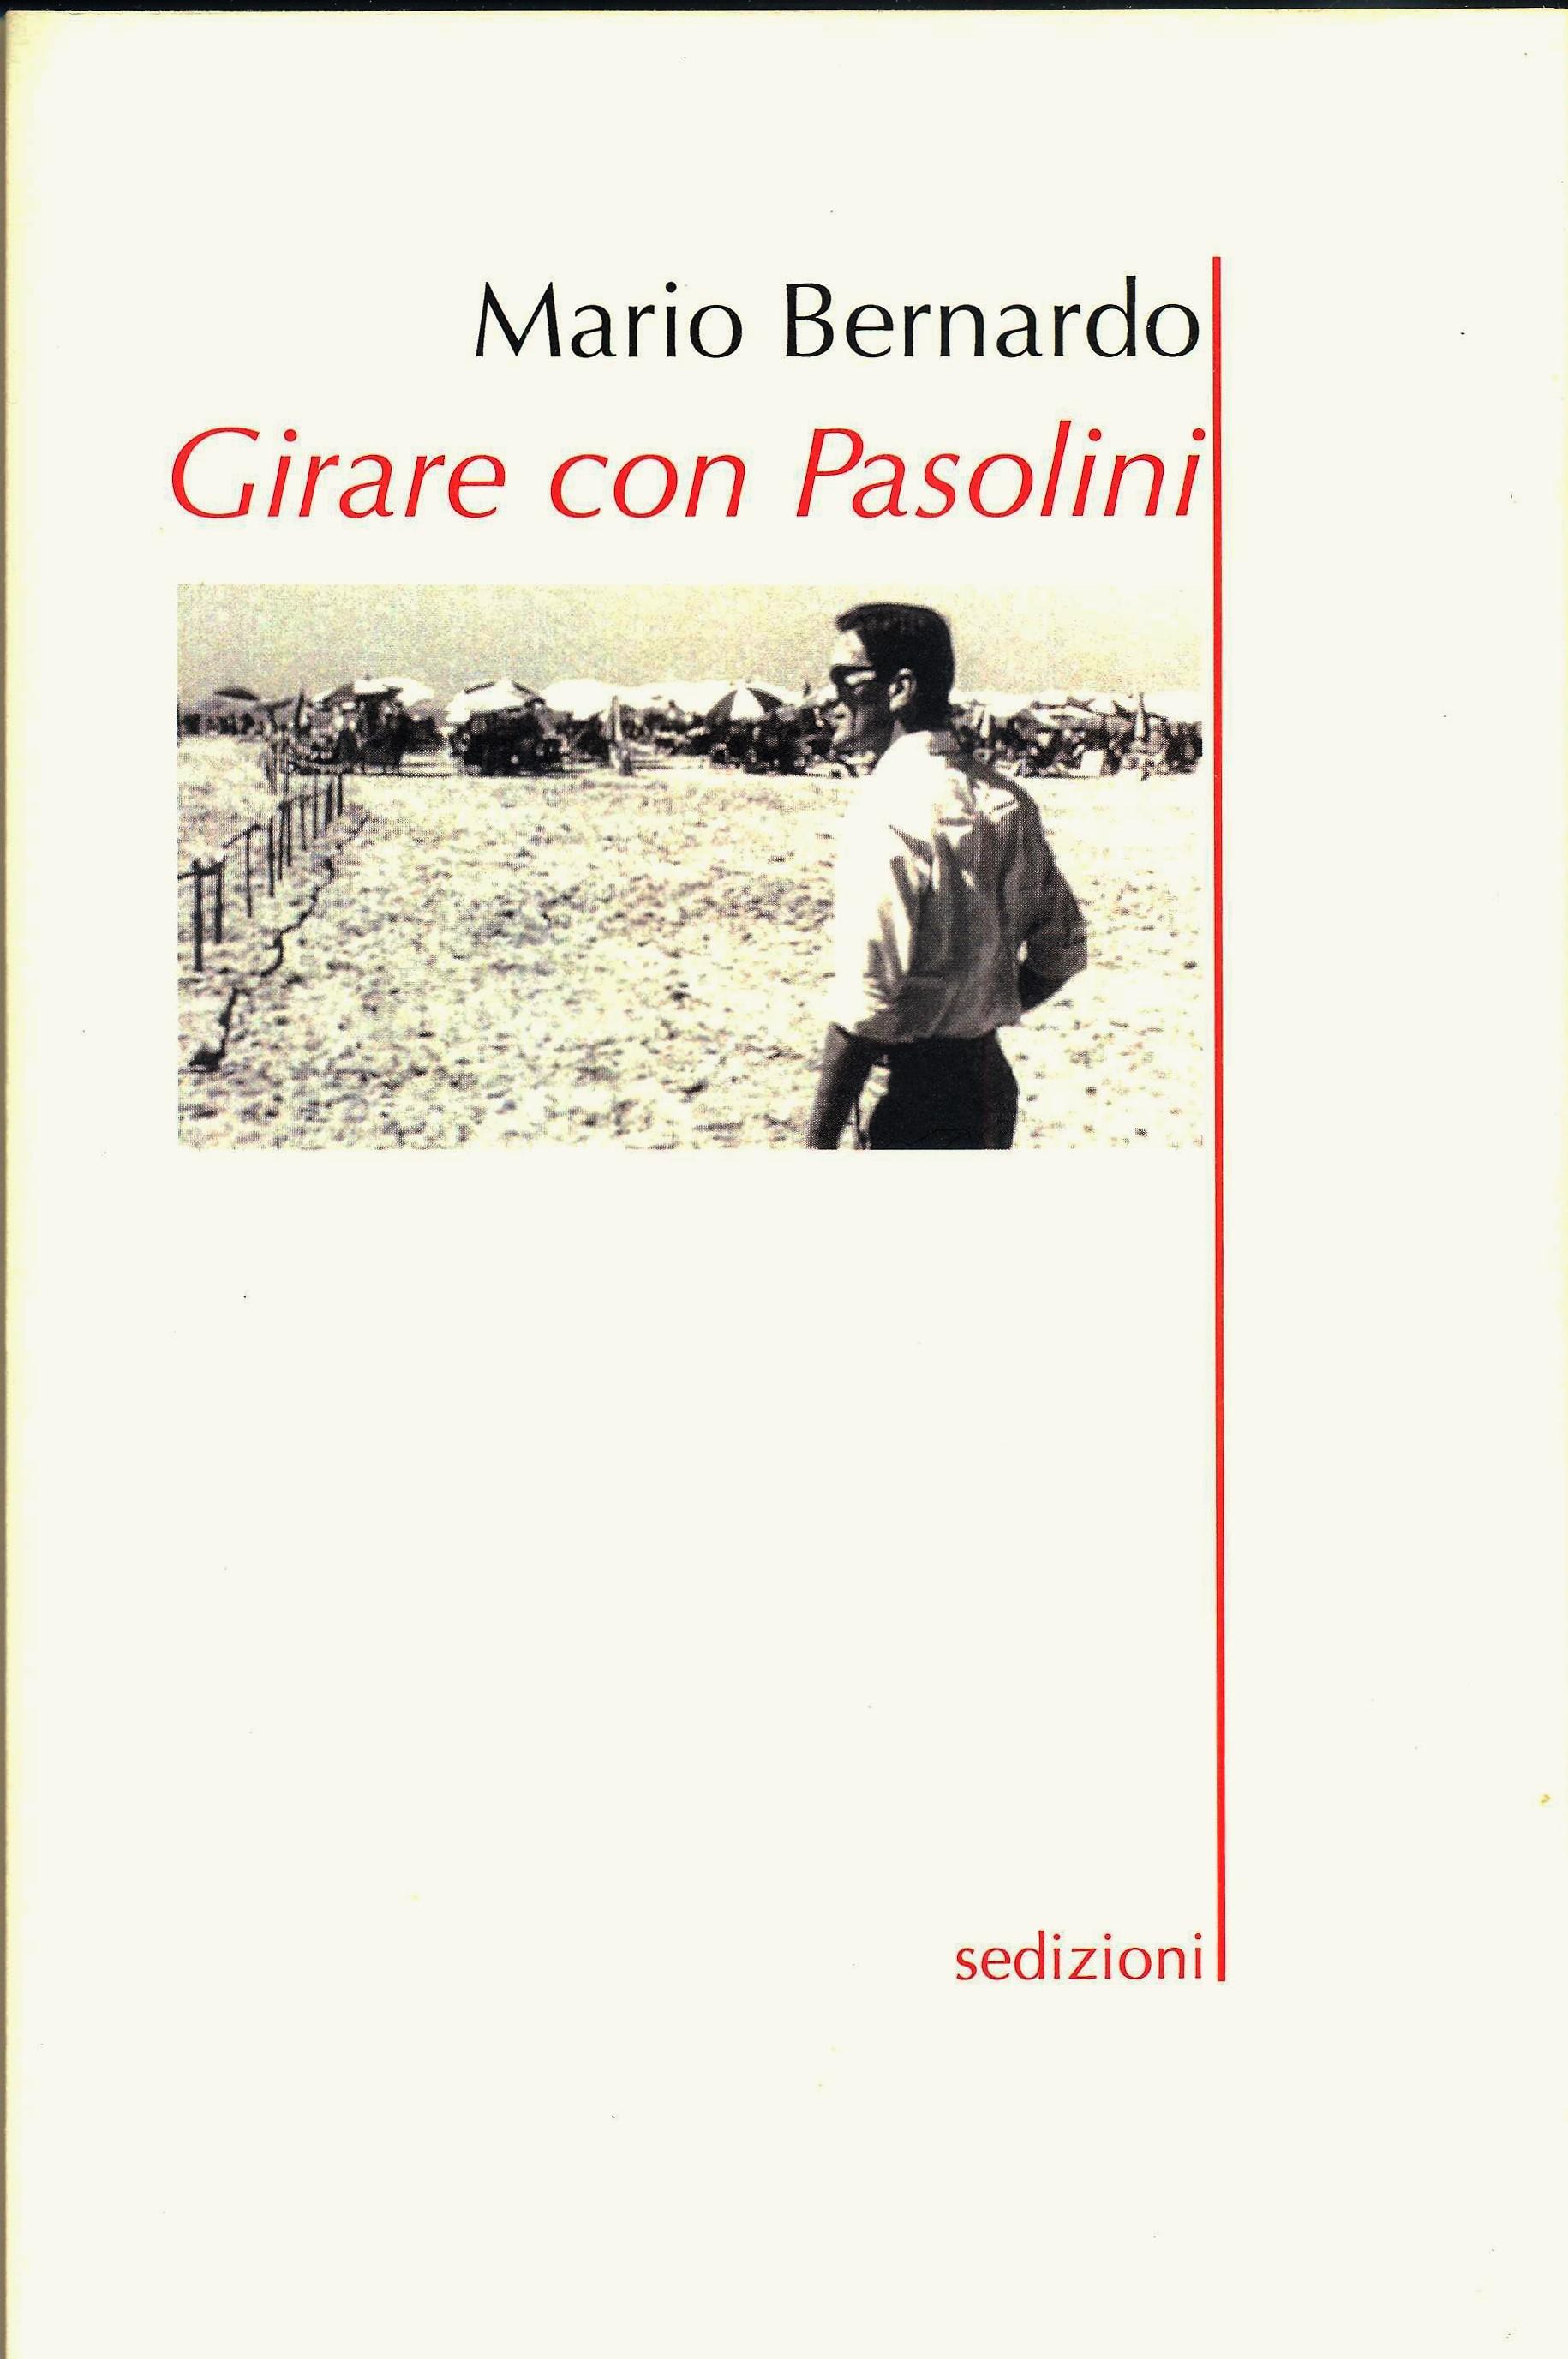 Girare con Pasolini